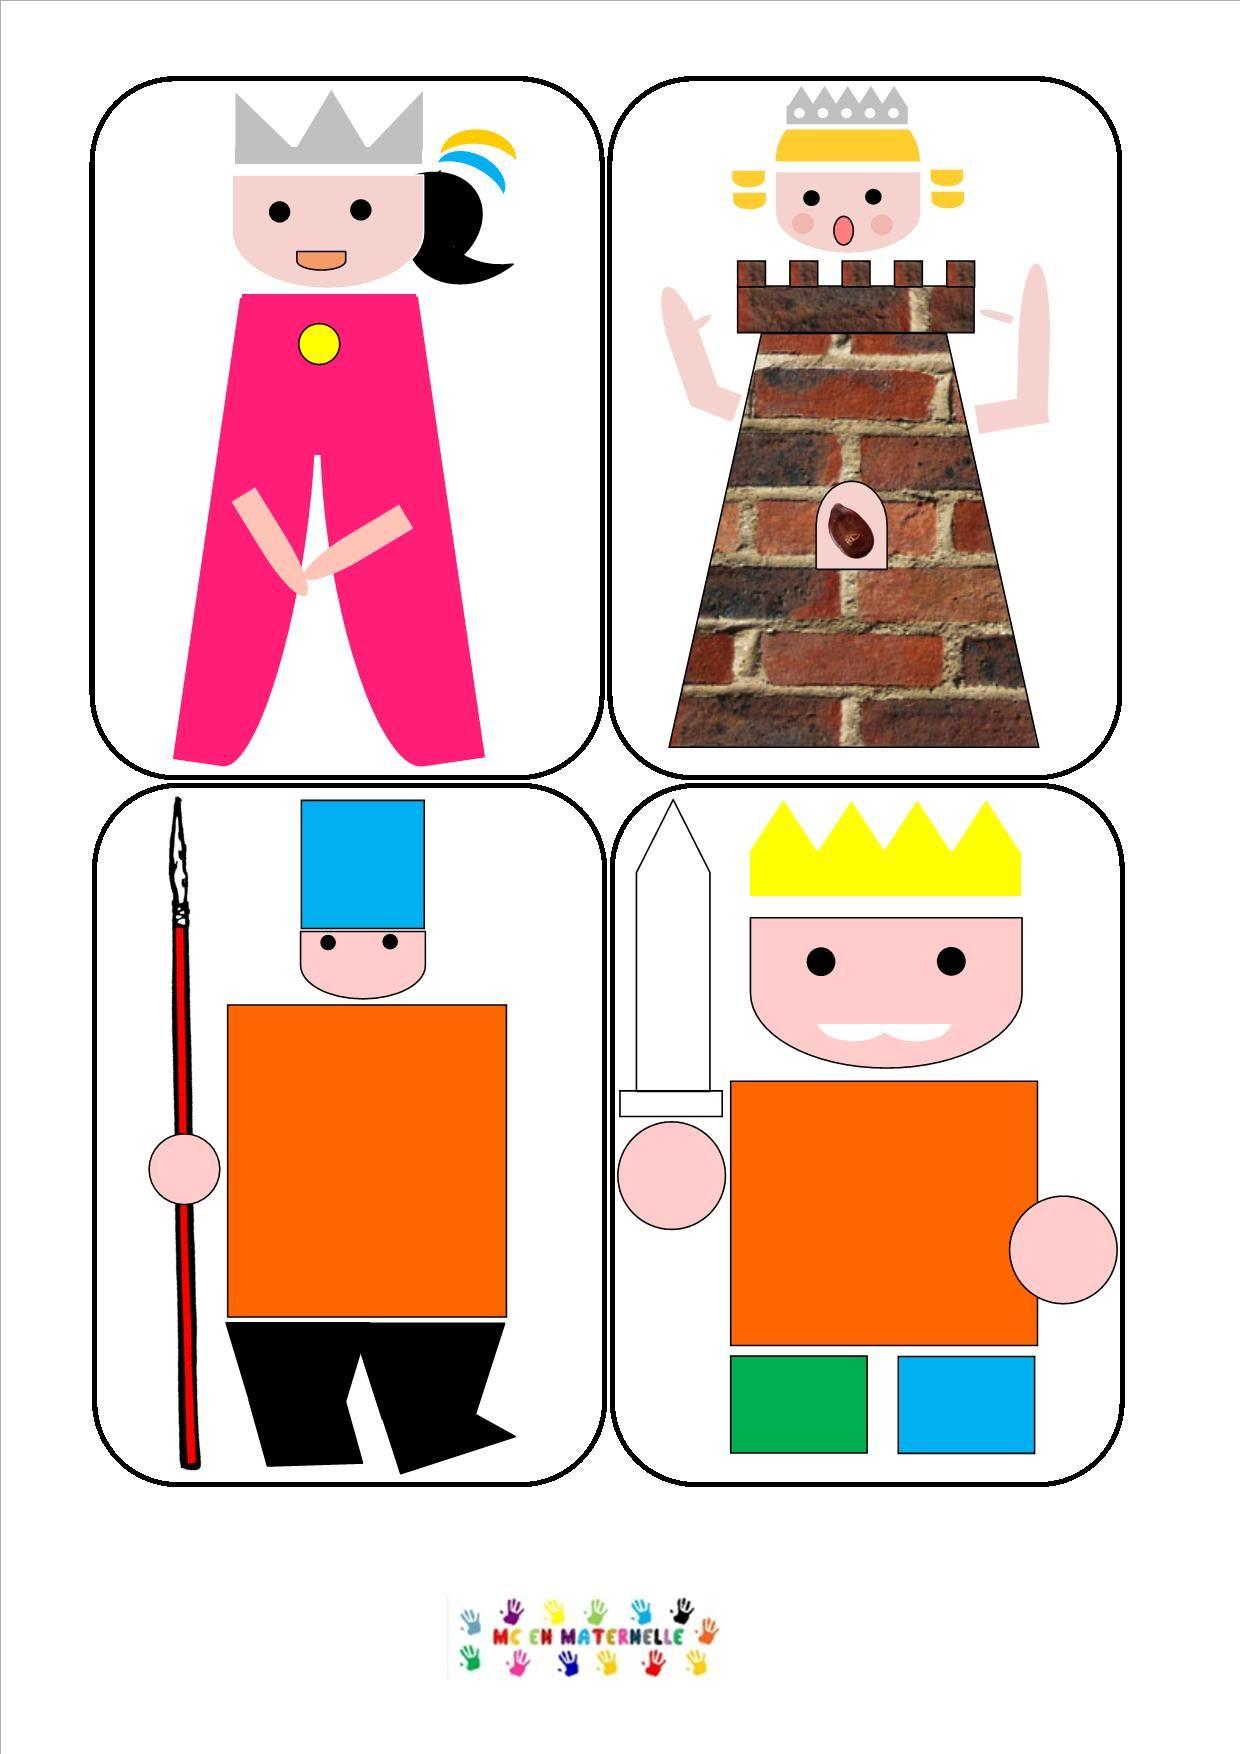 La Très Grande Princesse – Puzzle 6 Et 9 Pièces | Grand à Puzzle En Ligne Maternelle